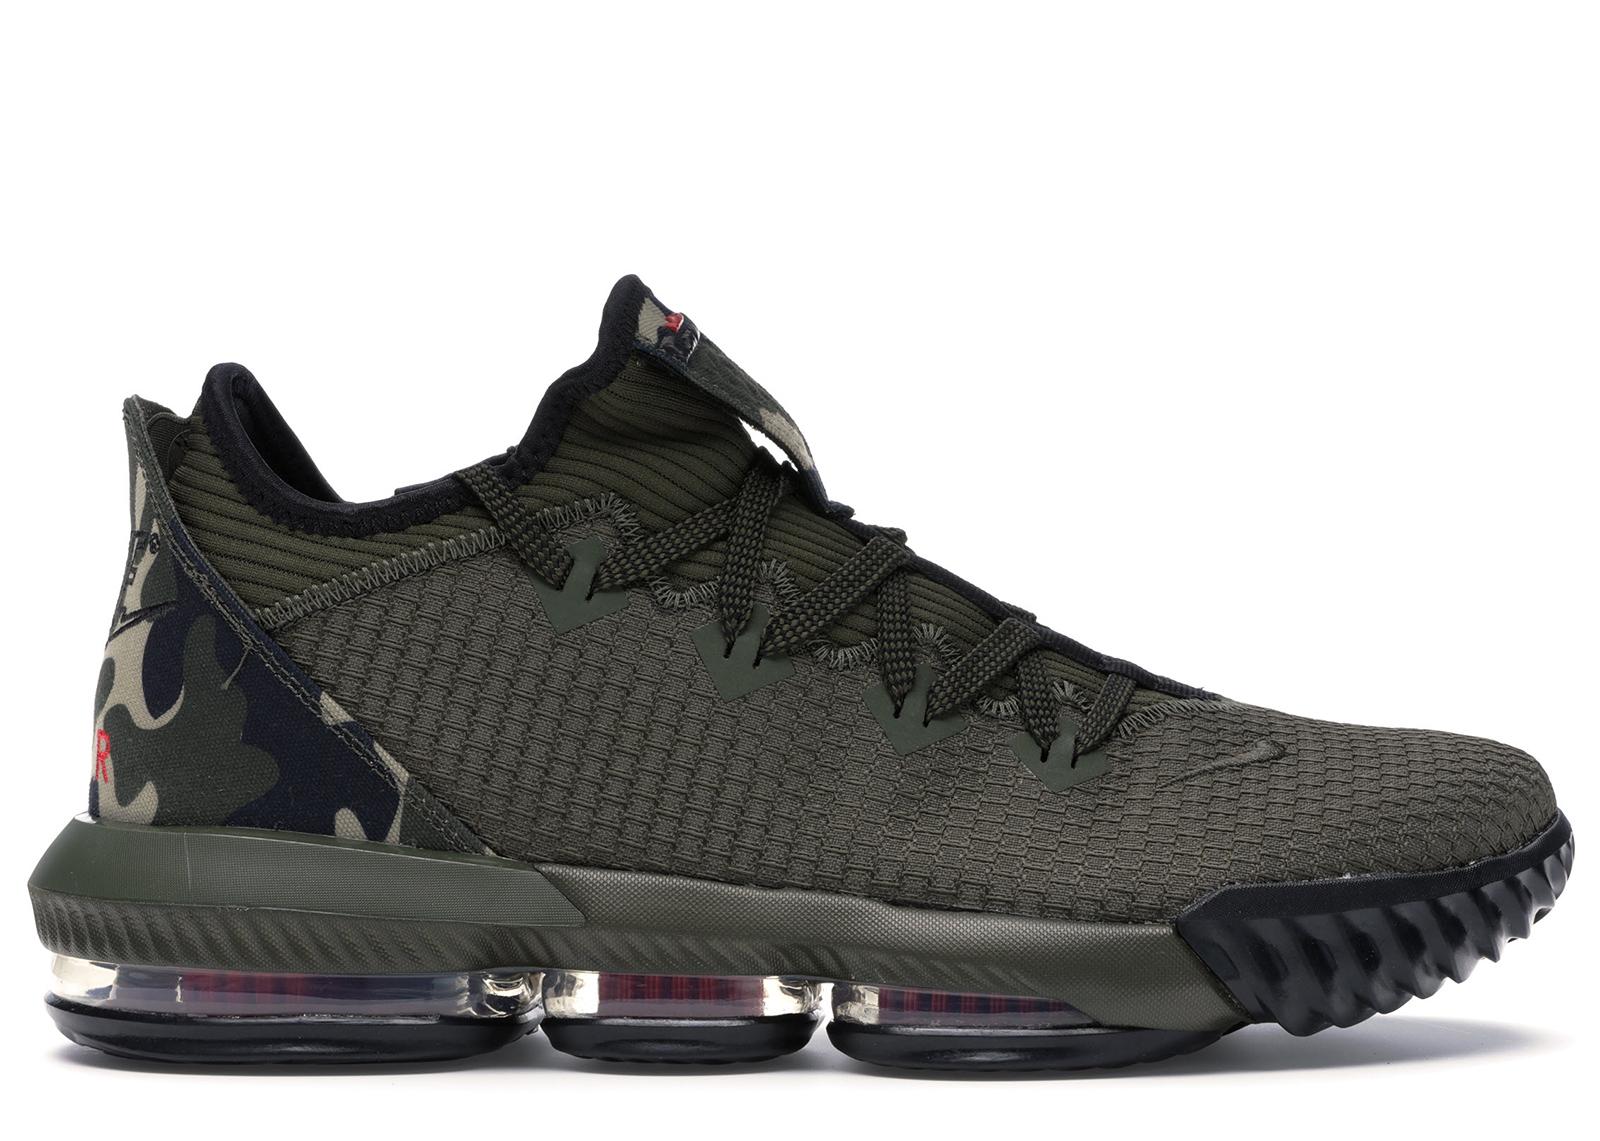 Nike LeBron 16 Low Camo - CI2668-300